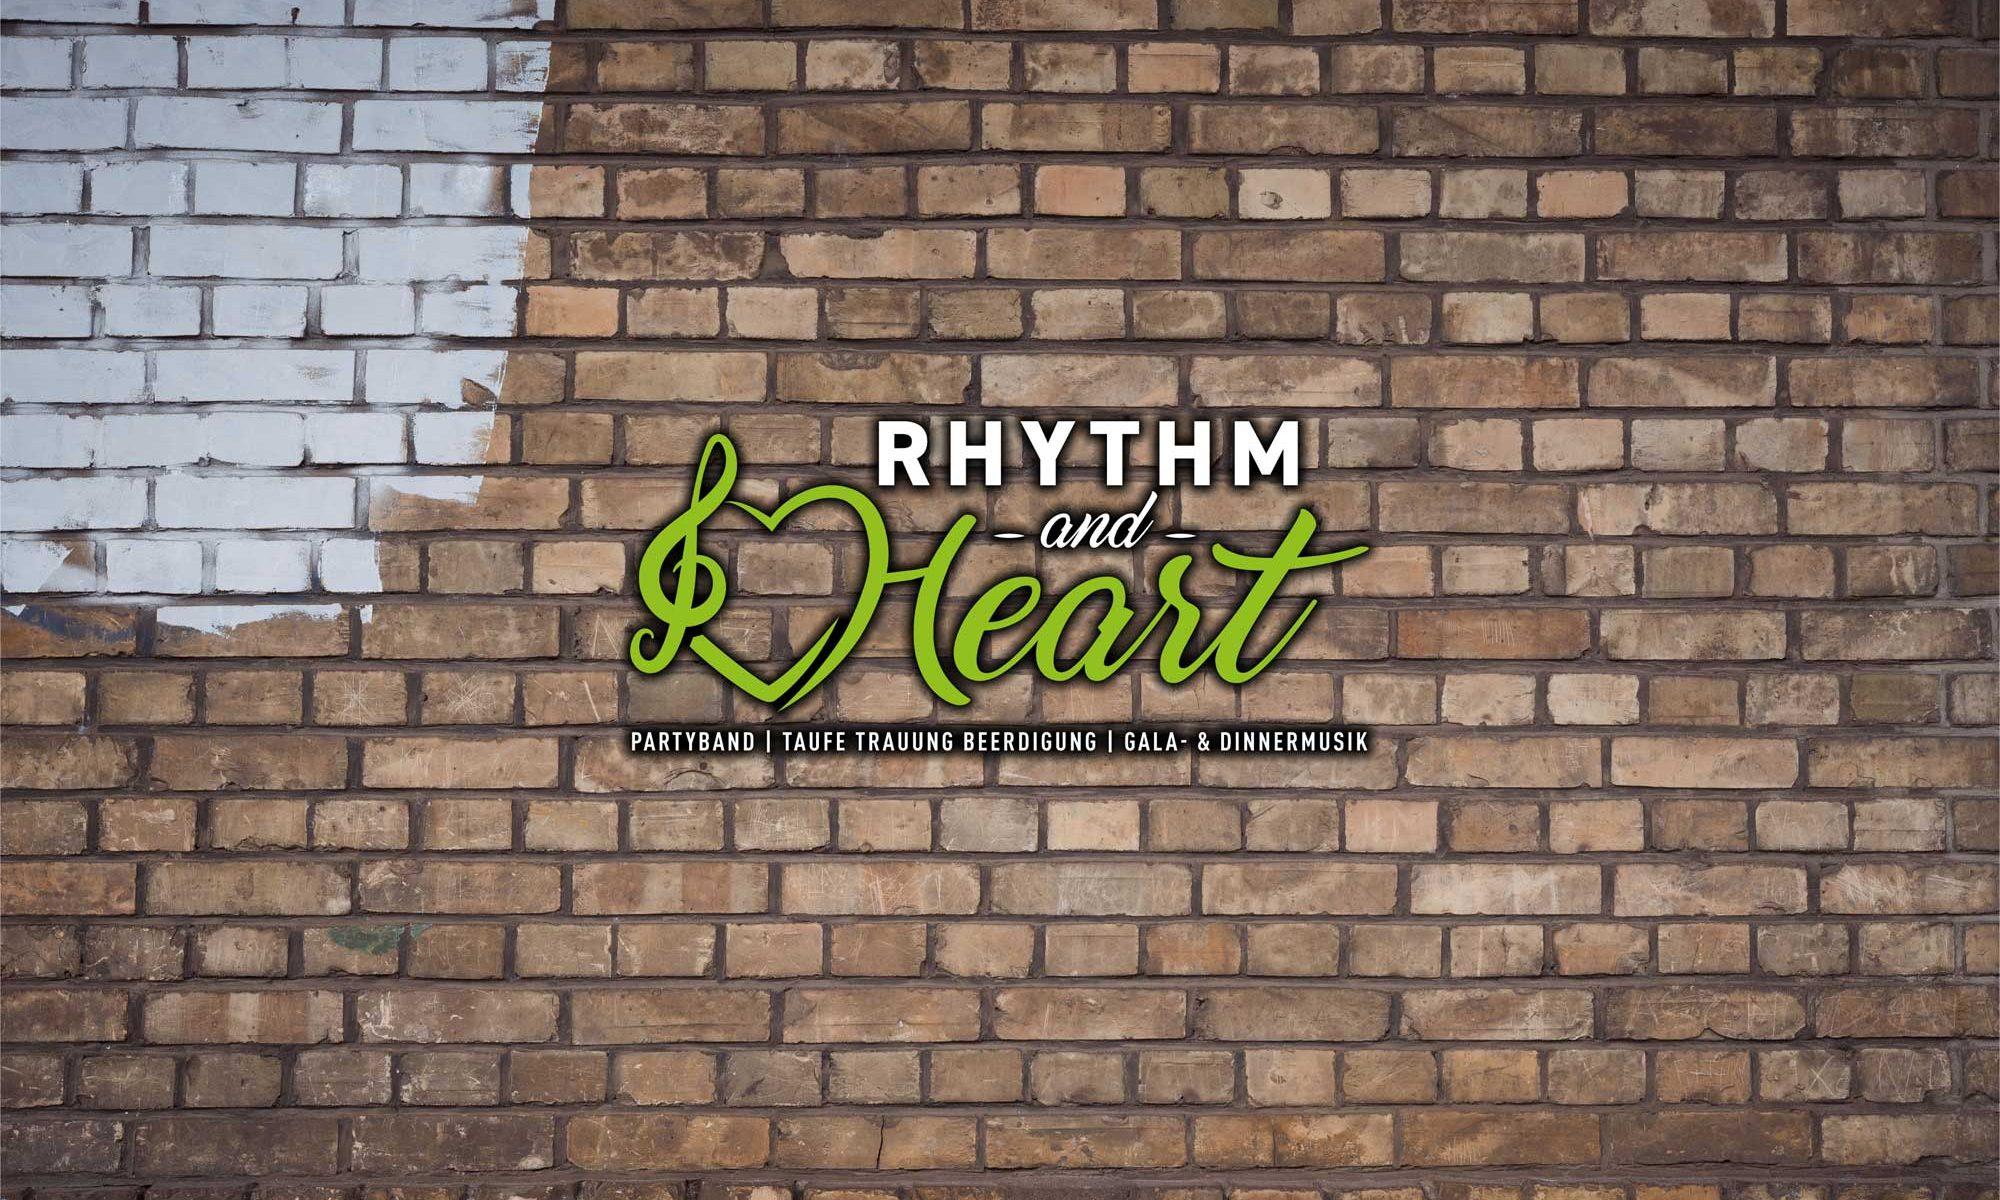 Rhythm and Heart